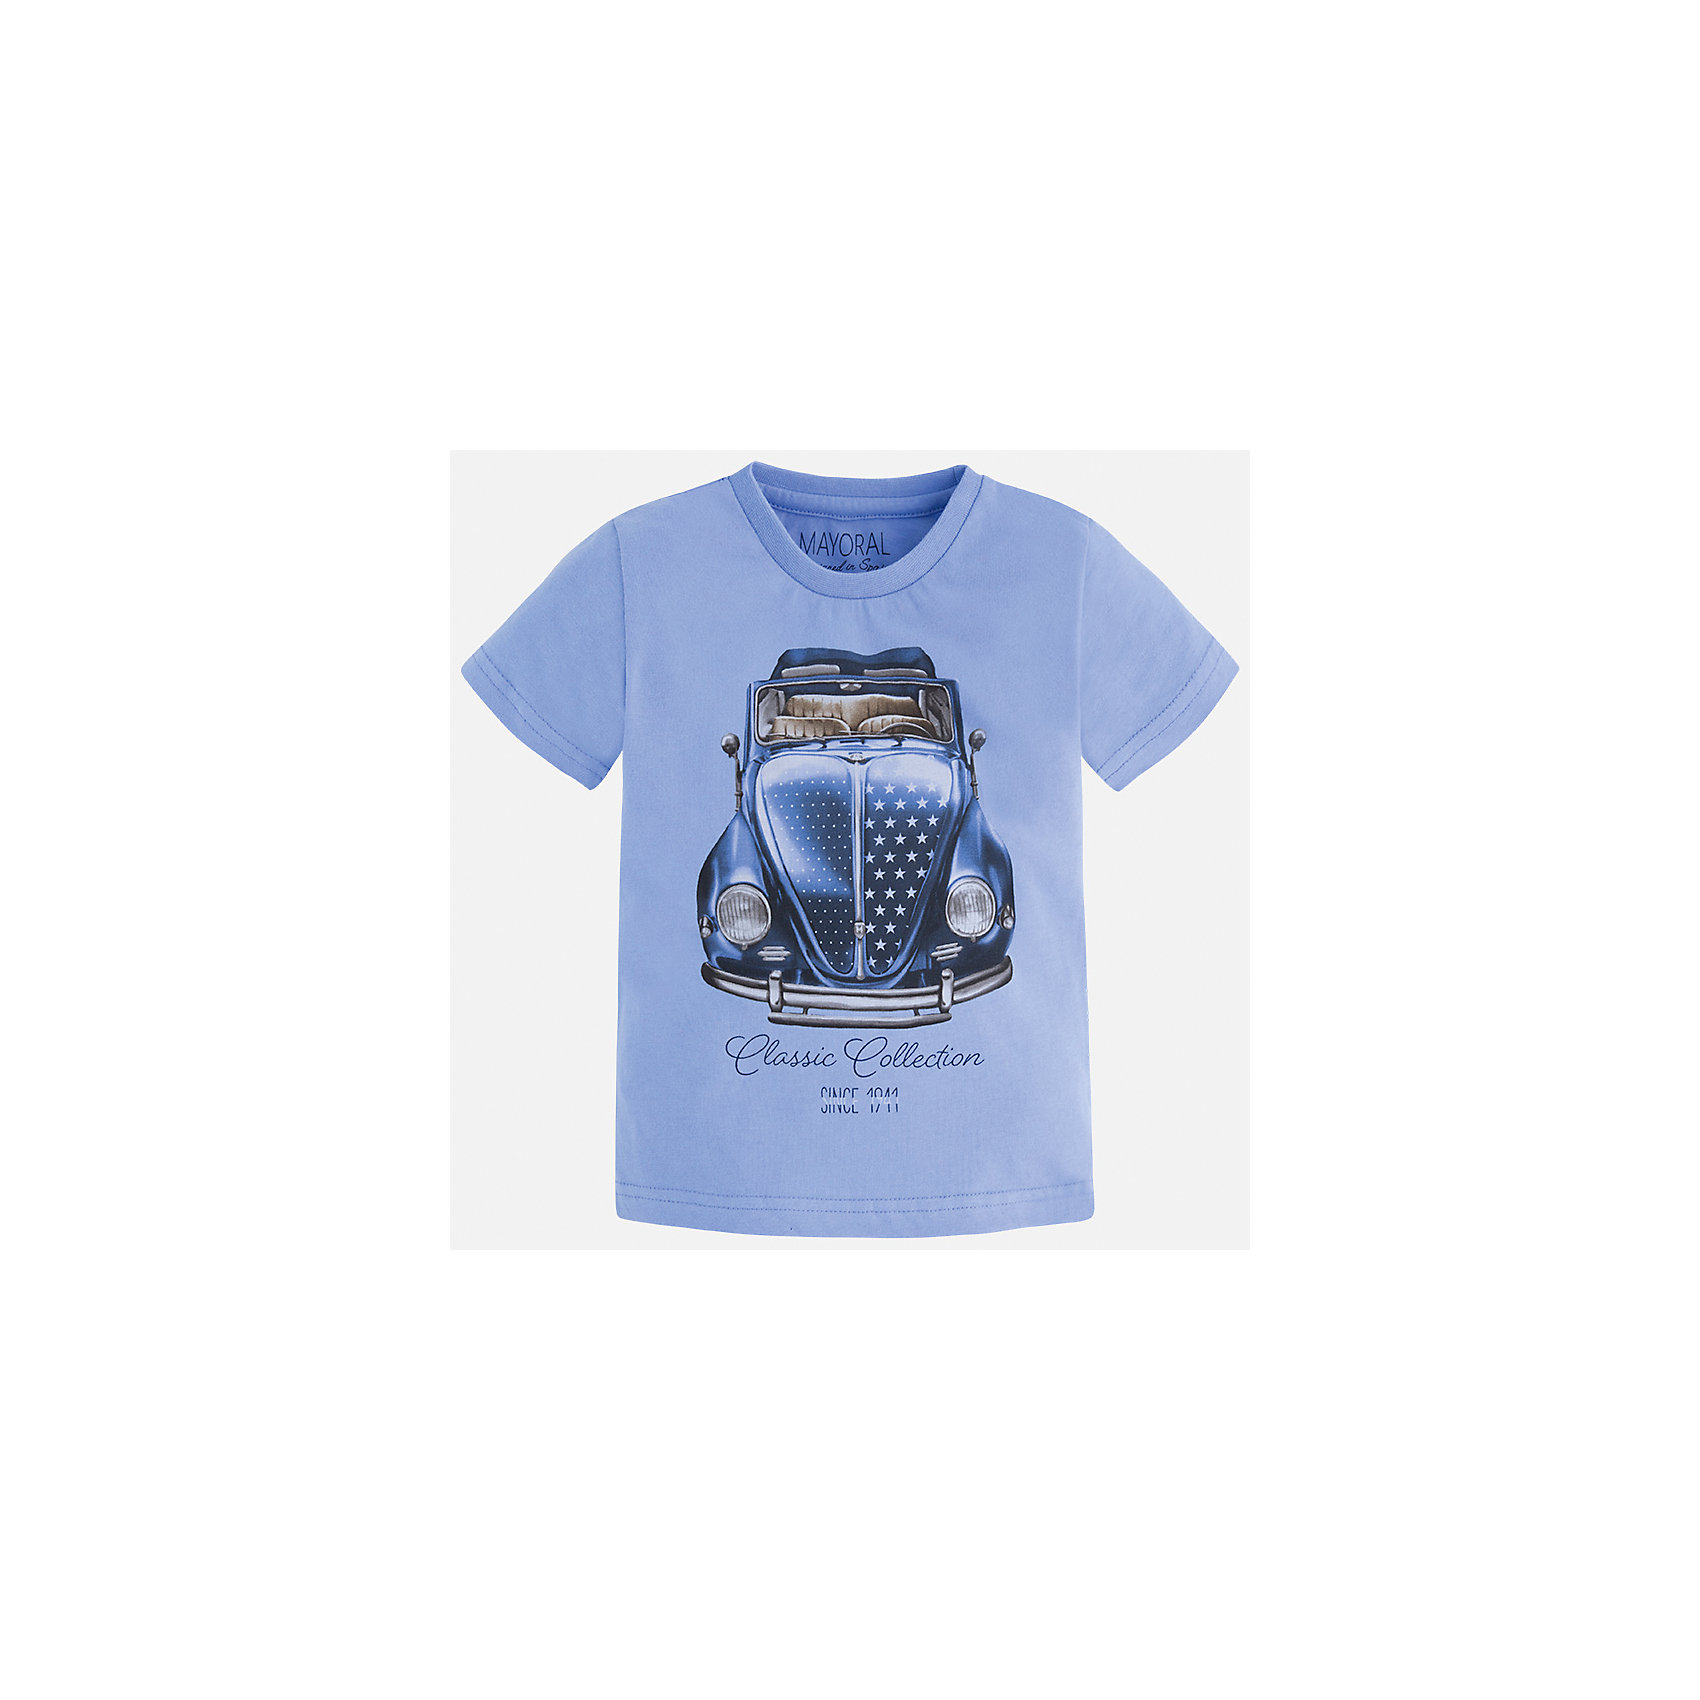 Футболка для мальчика MayoralФутболки, поло и топы<br>Характеристики товара:<br><br>• цвет: голубой<br>• состав: 100% хлопок<br>• круглый горловой вырез<br>• декорирована принтом<br>• короткие рукава<br>• отделка горловины<br>• страна бренда: Испания<br><br>Модная удобная футболка с принтом поможет разнообразить гардероб мальчика. Она отлично сочетается с брюками, шортами, джинсами. Универсальный крой и цвет позволяет подобрать к вещи низ разных расцветок. Практичное и стильное изделие! Хорошо смотрится и комфортно сидит на детях. В составе материала - только натуральный хлопок, гипоаллергенный, приятный на ощупь, дышащий. <br><br>Одежда, обувь и аксессуары от испанского бренда Mayoral полюбились детям и взрослым по всему миру. Модели этой марки - стильные и удобные. Для их производства используются только безопасные, качественные материалы и фурнитура. Порадуйте ребенка модными и красивыми вещами от Mayoral! <br><br>Футболку для мальчика от испанского бренда Mayoral (Майорал) можно купить в нашем интернет-магазине.<br><br>Ширина мм: 199<br>Глубина мм: 10<br>Высота мм: 161<br>Вес г: 151<br>Цвет: белый<br>Возраст от месяцев: 96<br>Возраст до месяцев: 108<br>Пол: Мужской<br>Возраст: Детский<br>Размер: 134,92,116,104,98,110,122,128<br>SKU: 5279908